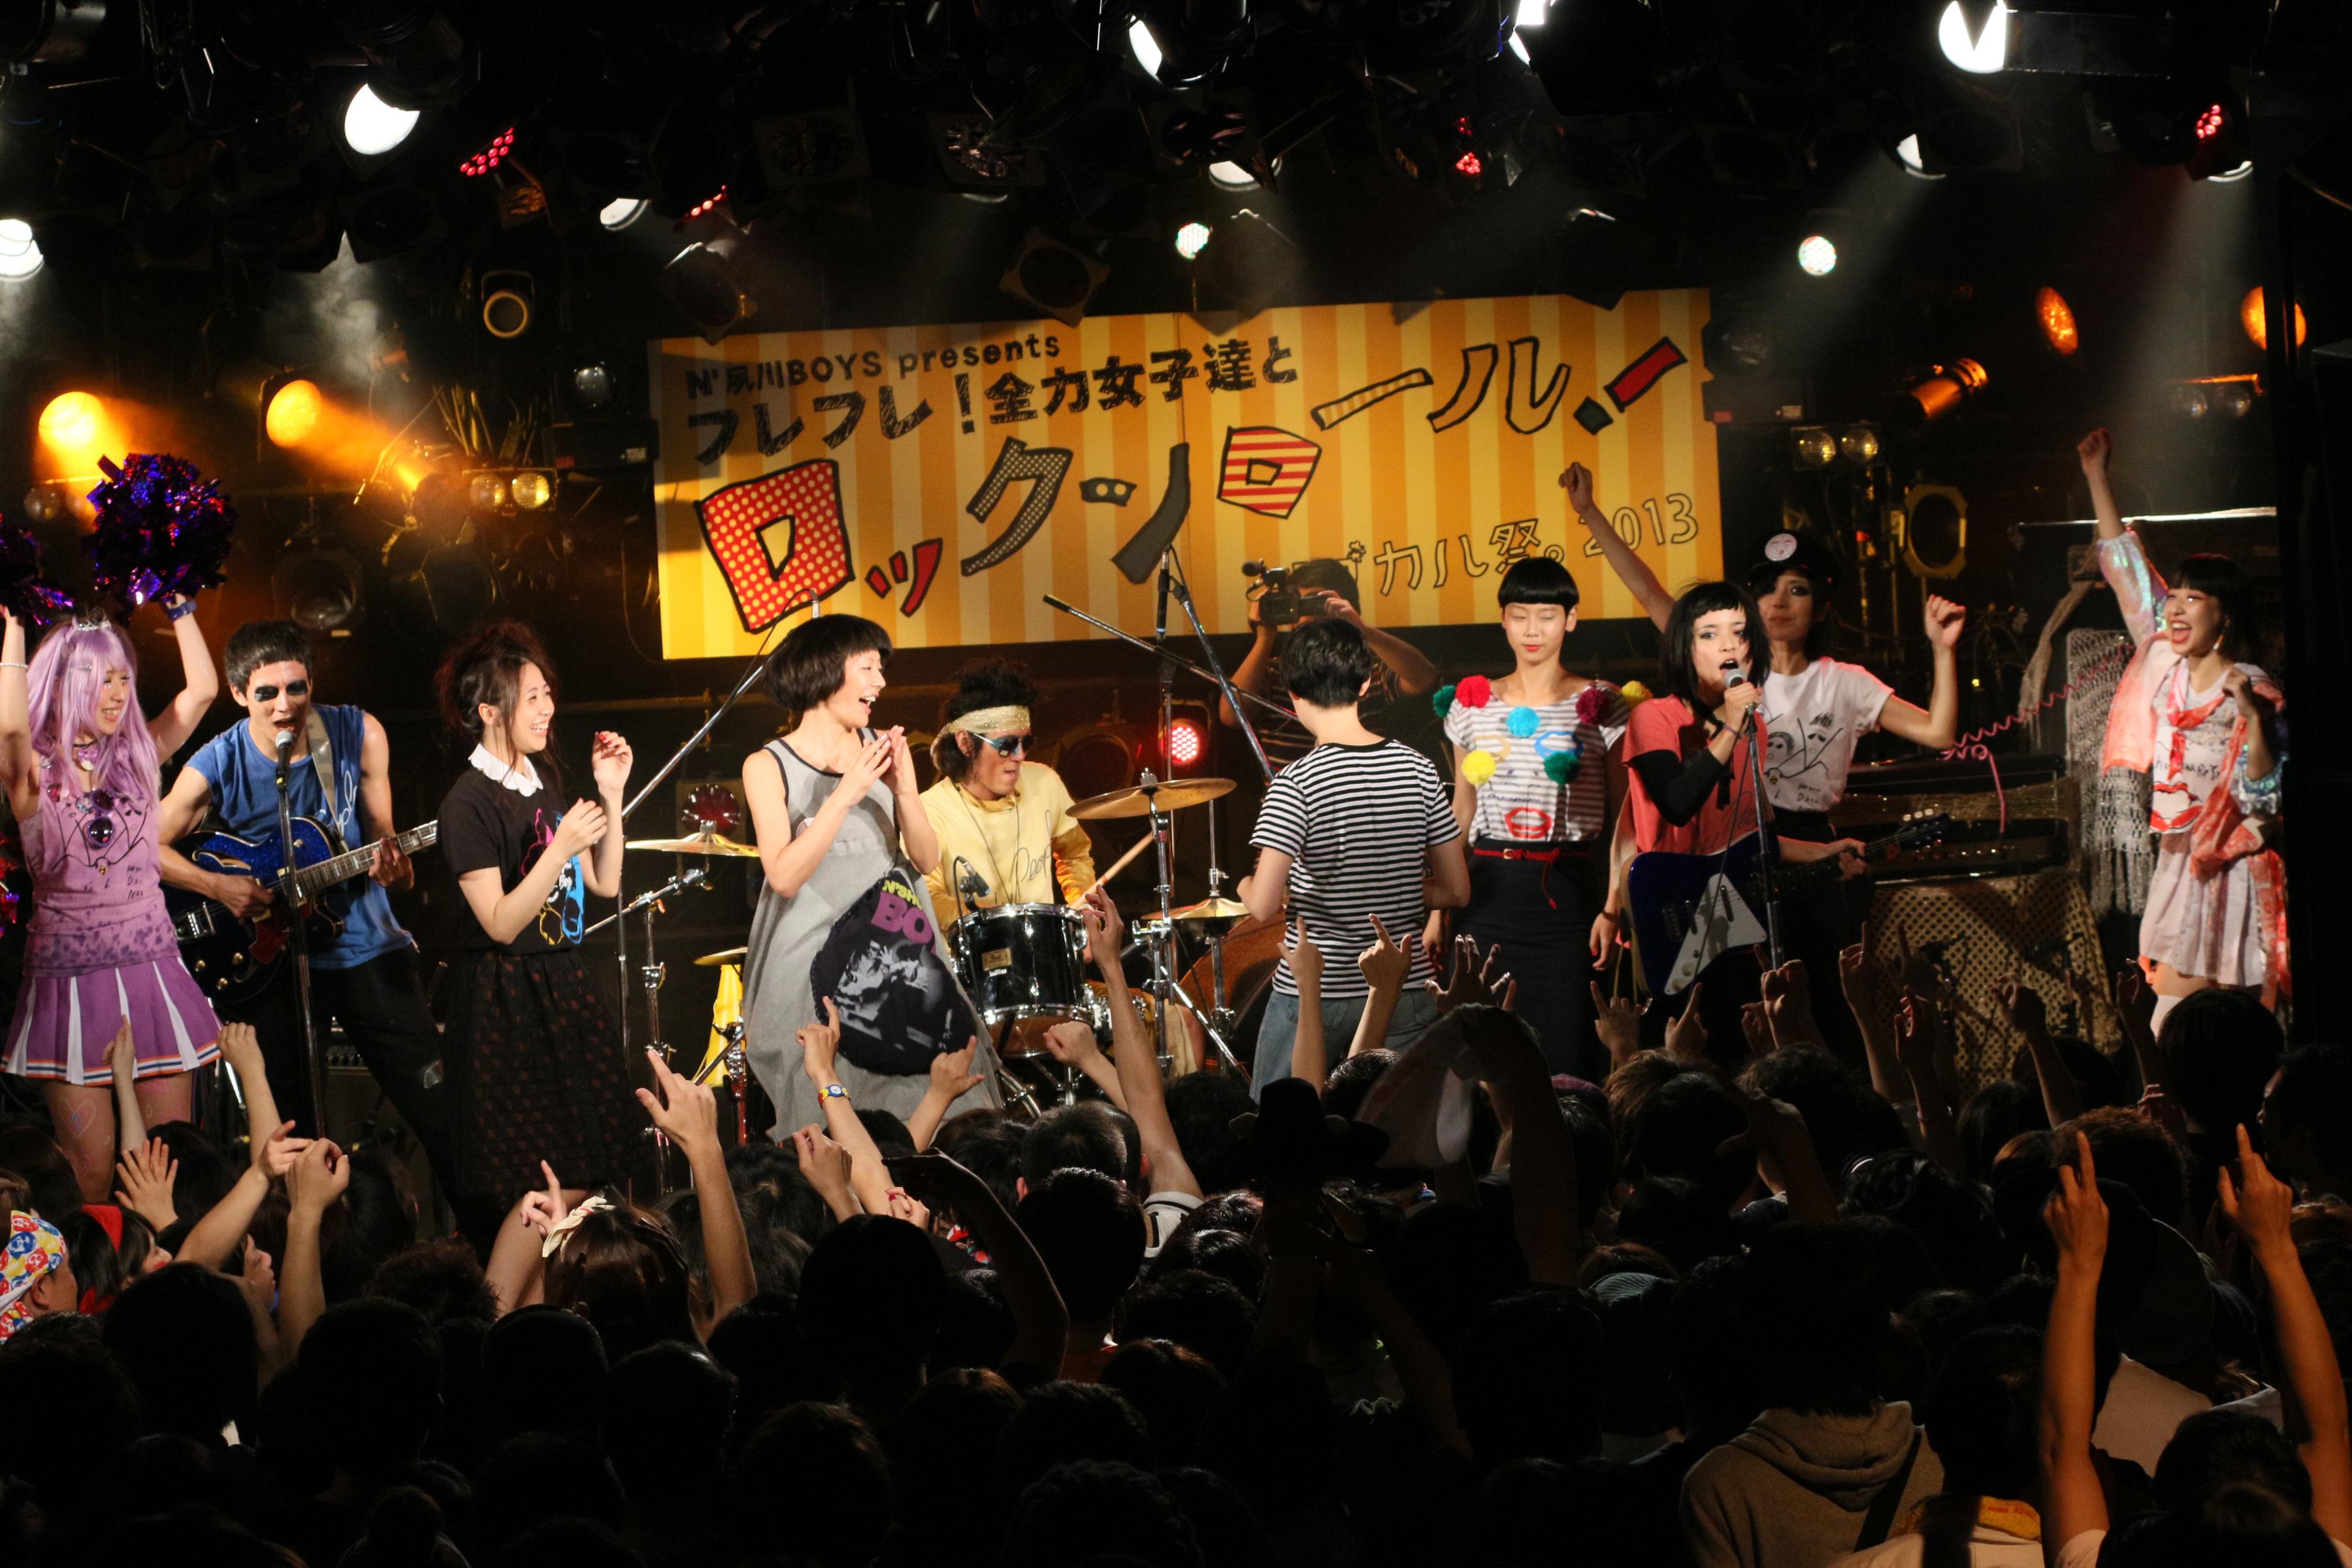 『シブカル祭。2013 N´夙川BOYS presents フレフレ!全力女子達とロックンロール!』